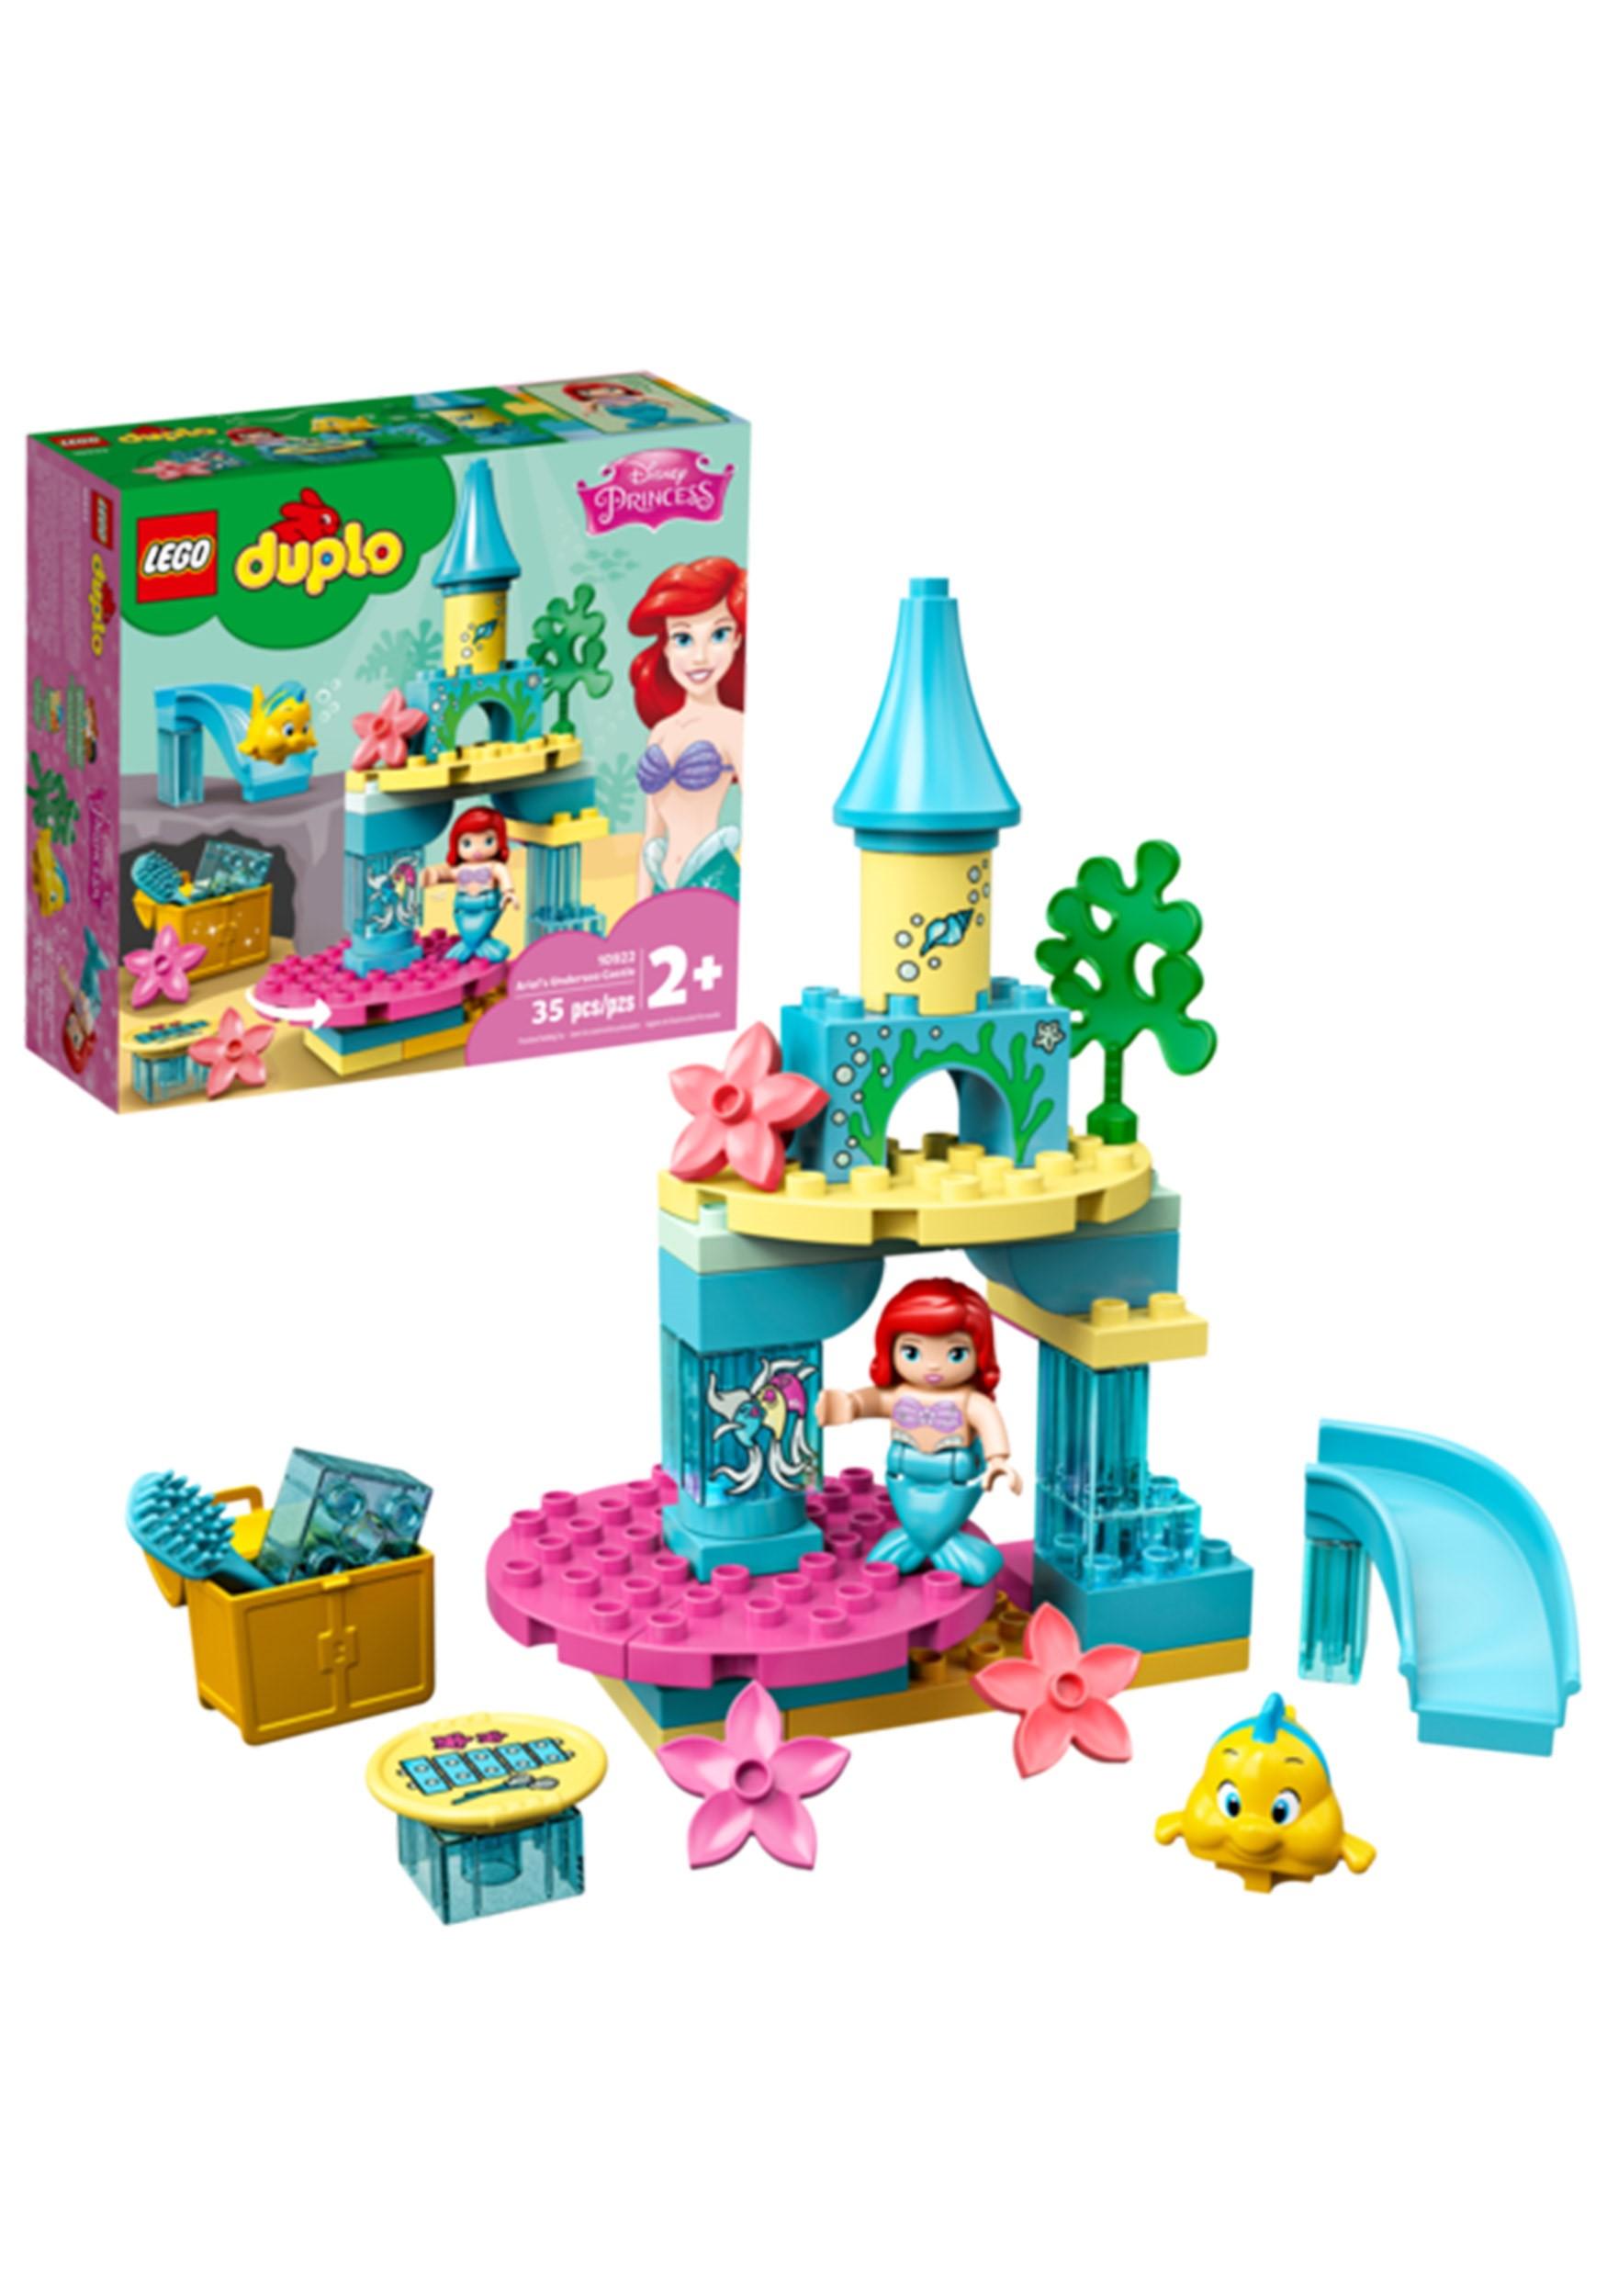 LEGO Duplo Little Mermaid Ariel's Undersea Castle